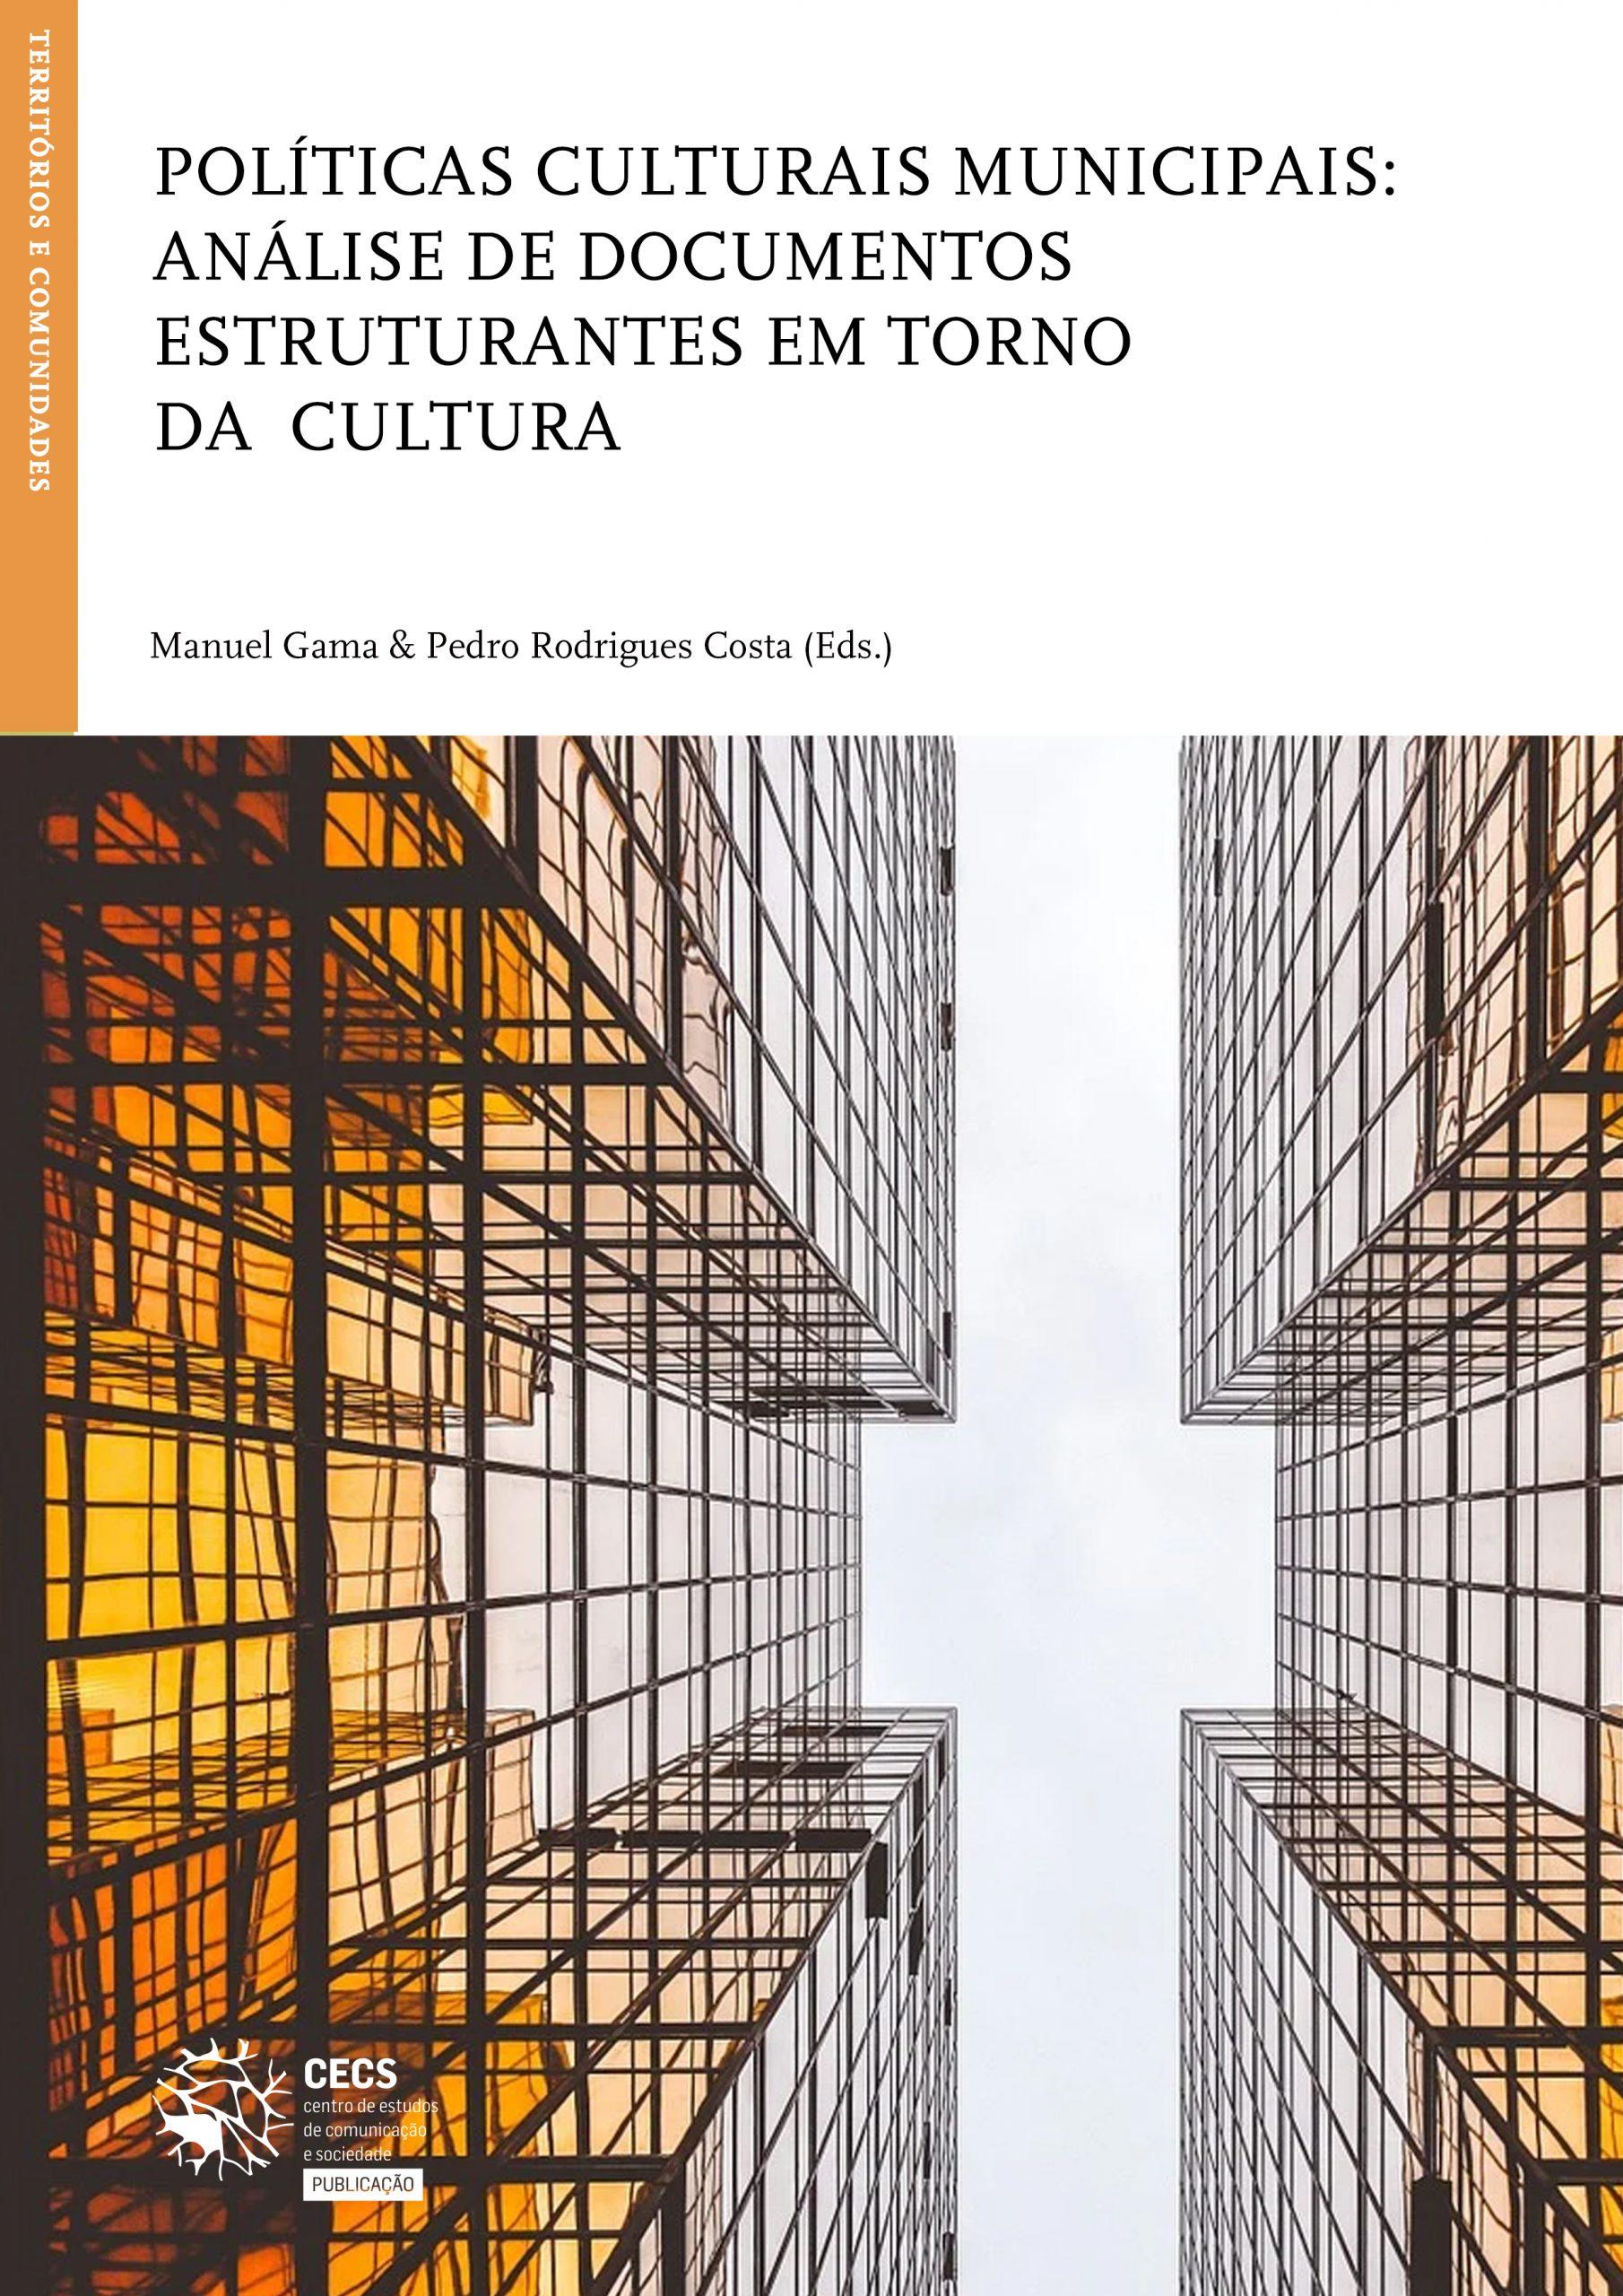 Nova publicação sobre Políticas Culturais Municipais